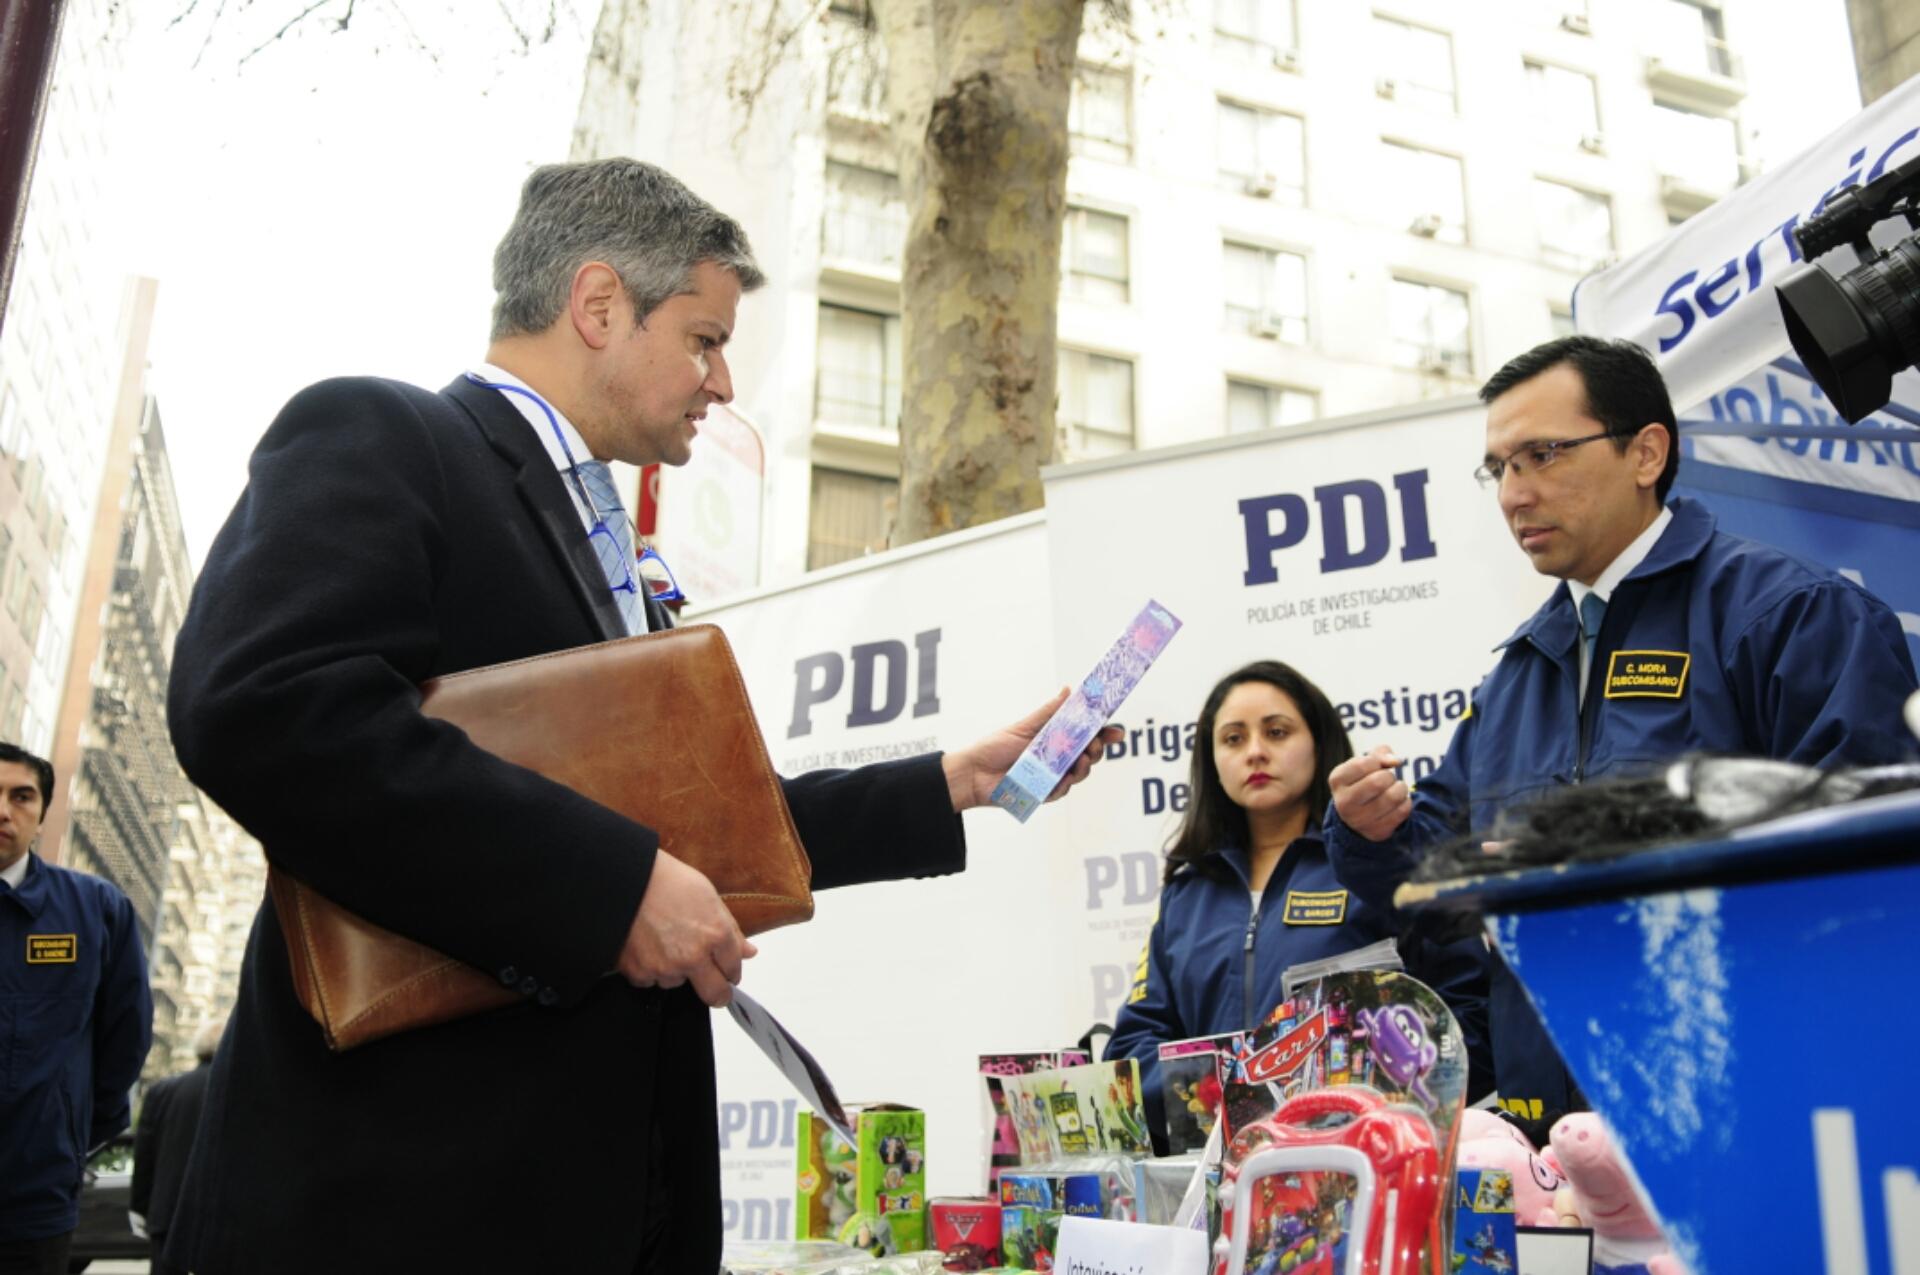 Sernac y Pdi entregan recomendaciones con motivo del día del niño